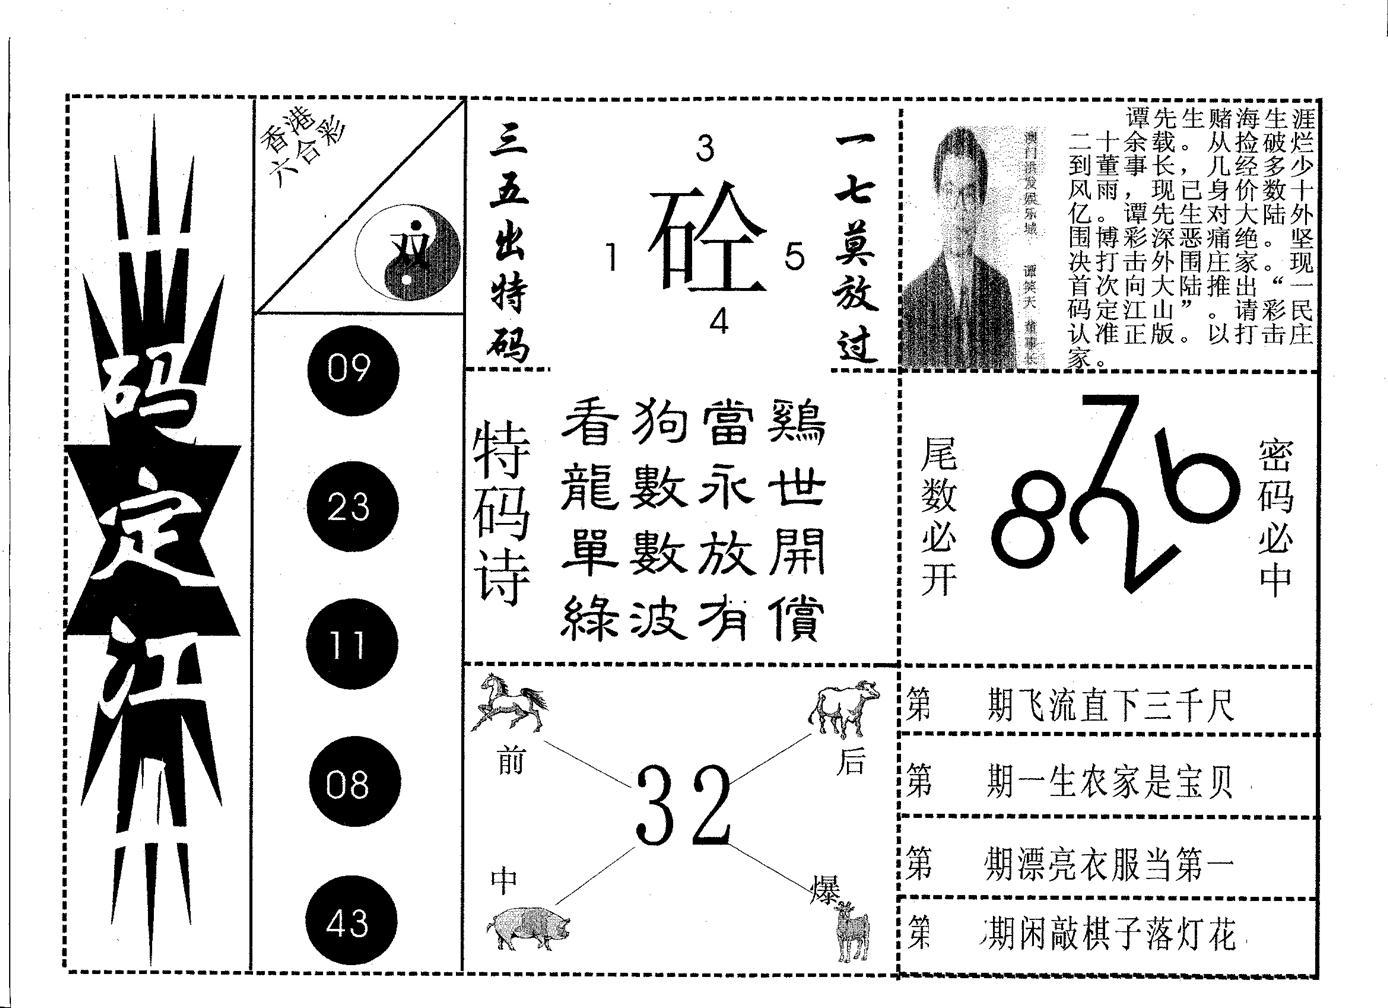 076期一码定江山(黑白)